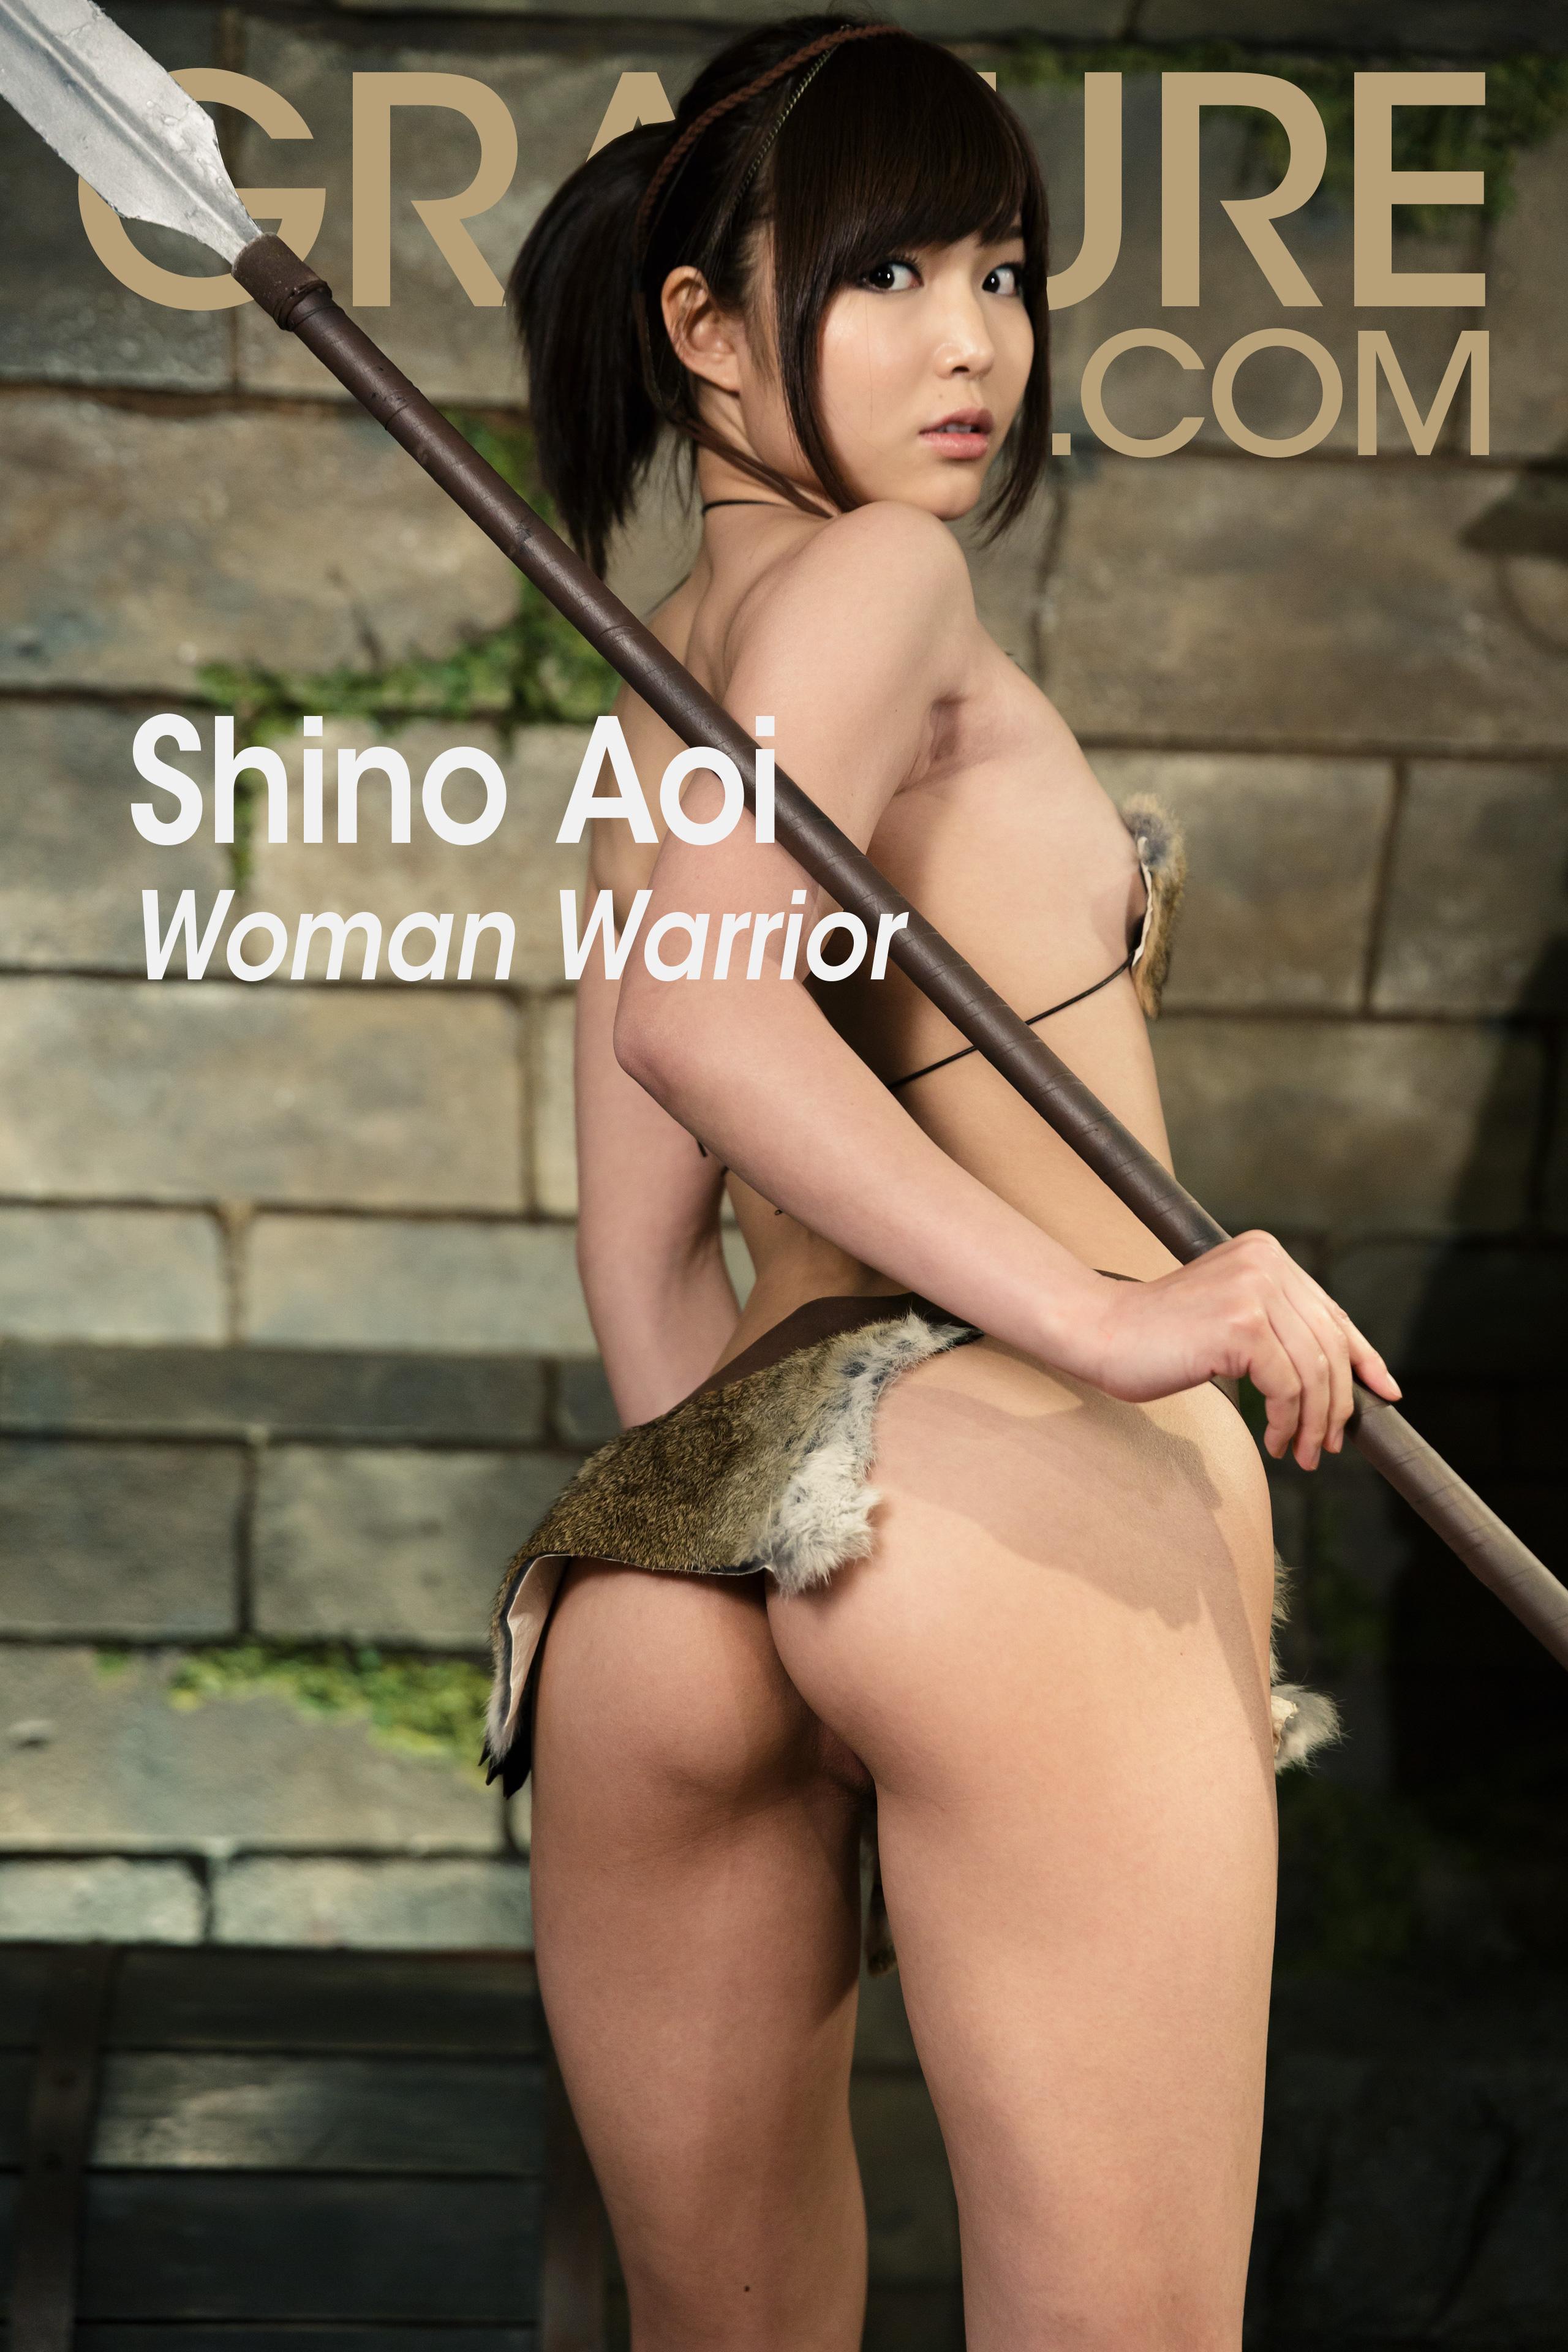 Gravure.com SHINO AOI 08  Imageset Siterip 4000px full Archive *jpg*